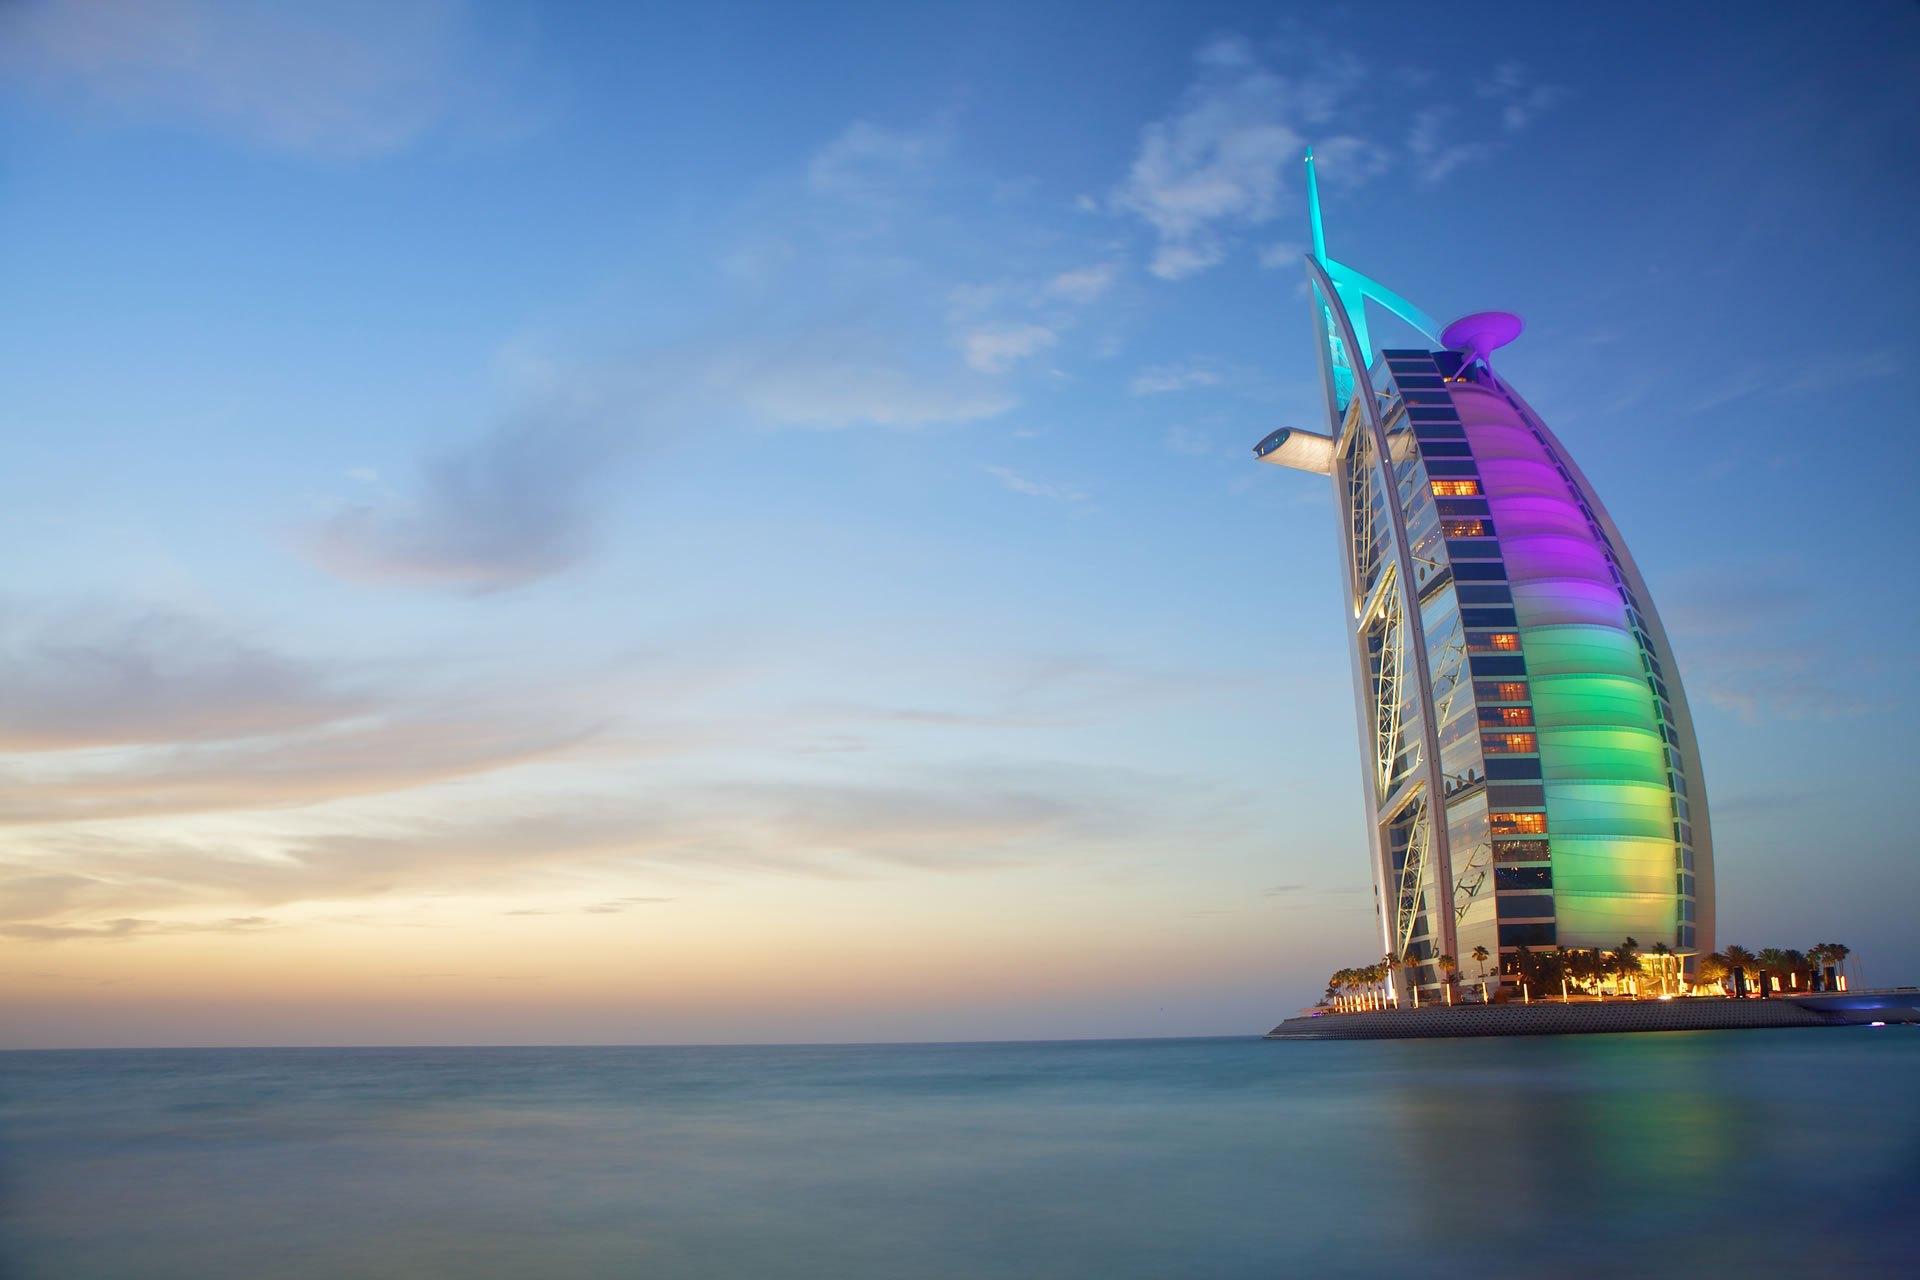 Dubai Burj AlArab OPT